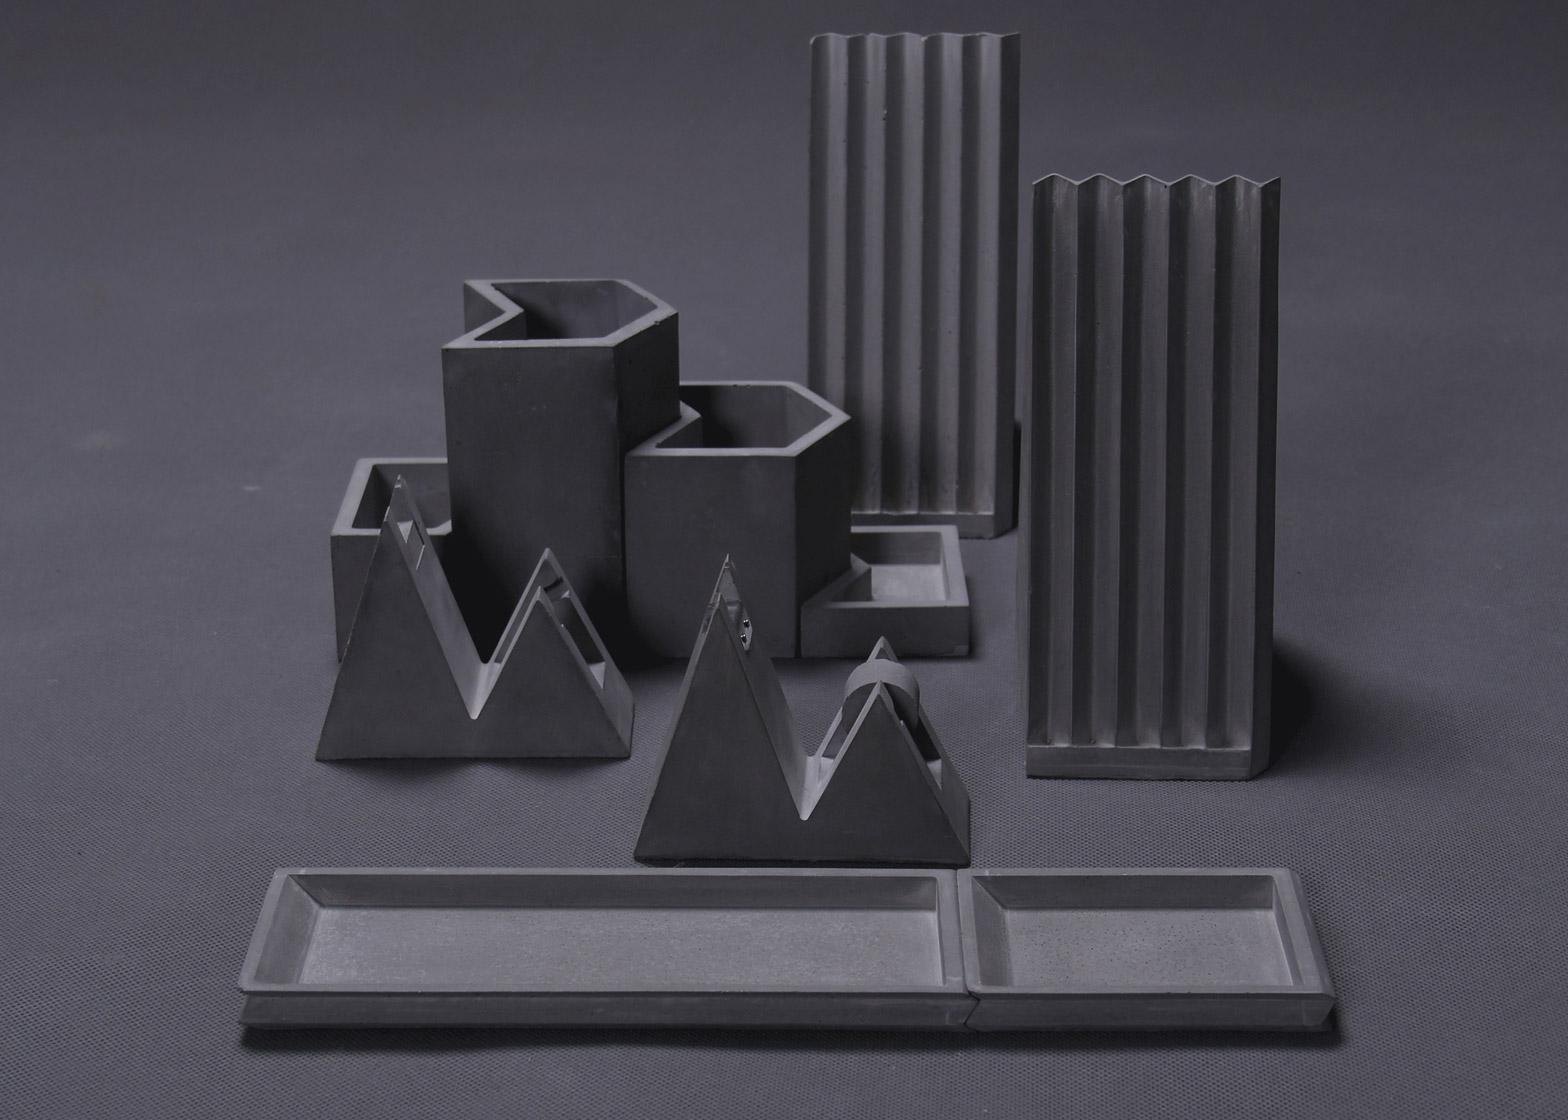 V-pleats stationery by Umn Design